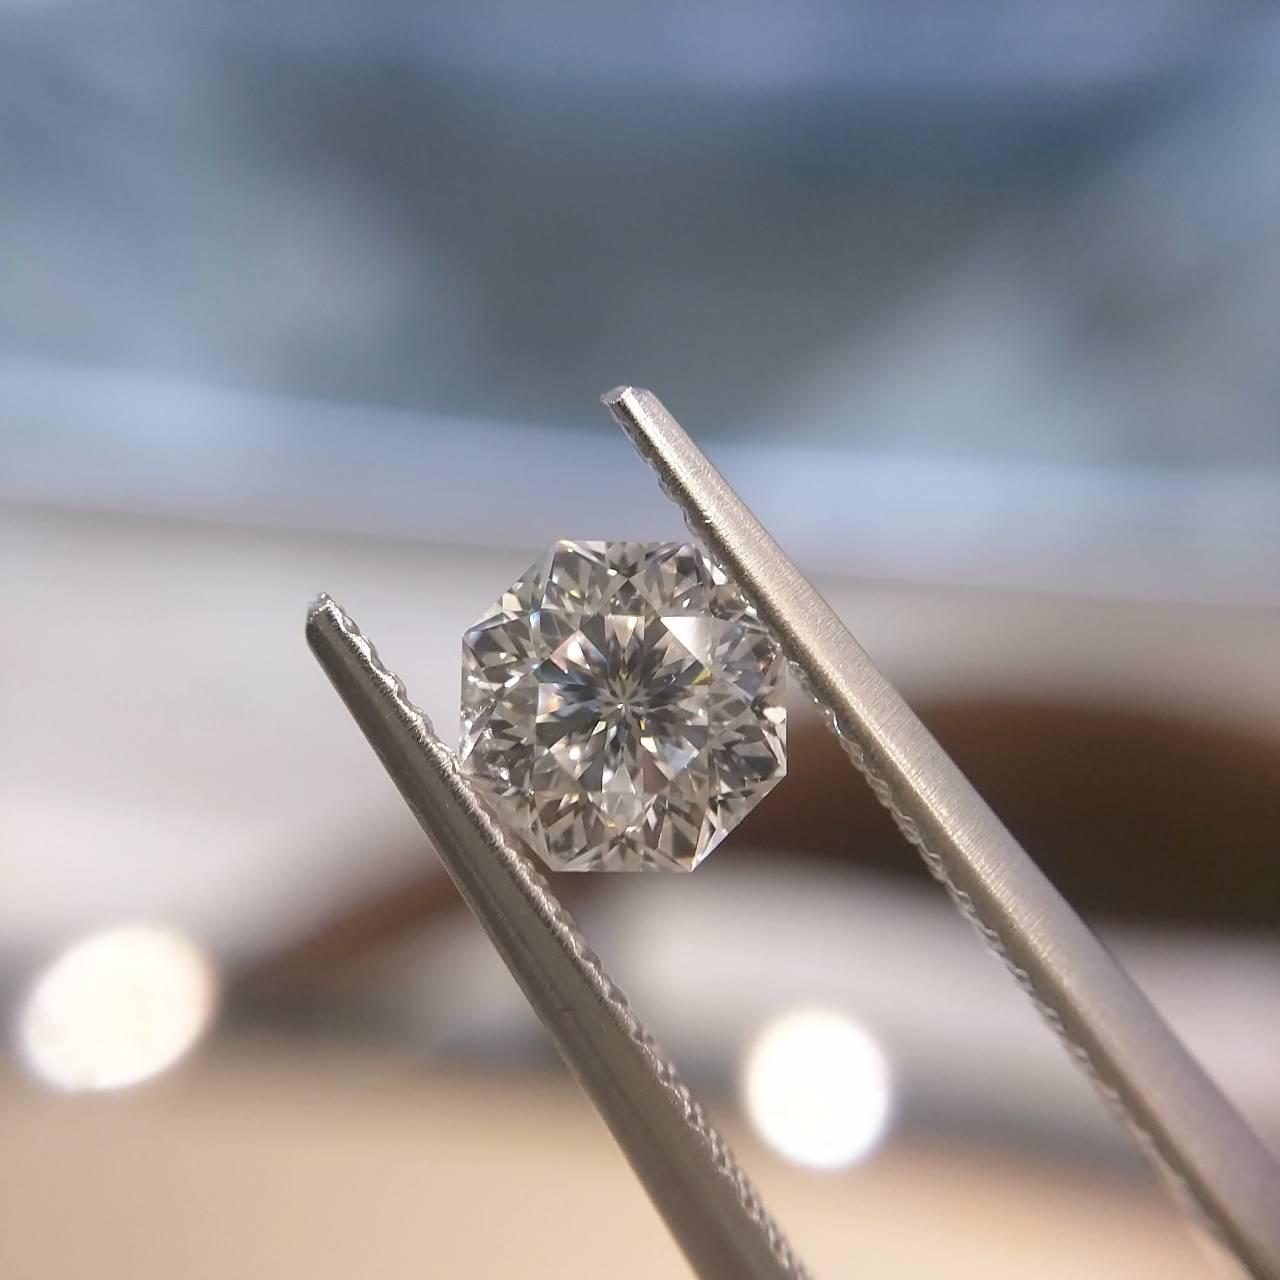 プロポーズリング ダイヤモンド Antwerpbrilliant 婚約指輪 エンゲージリング 銀座